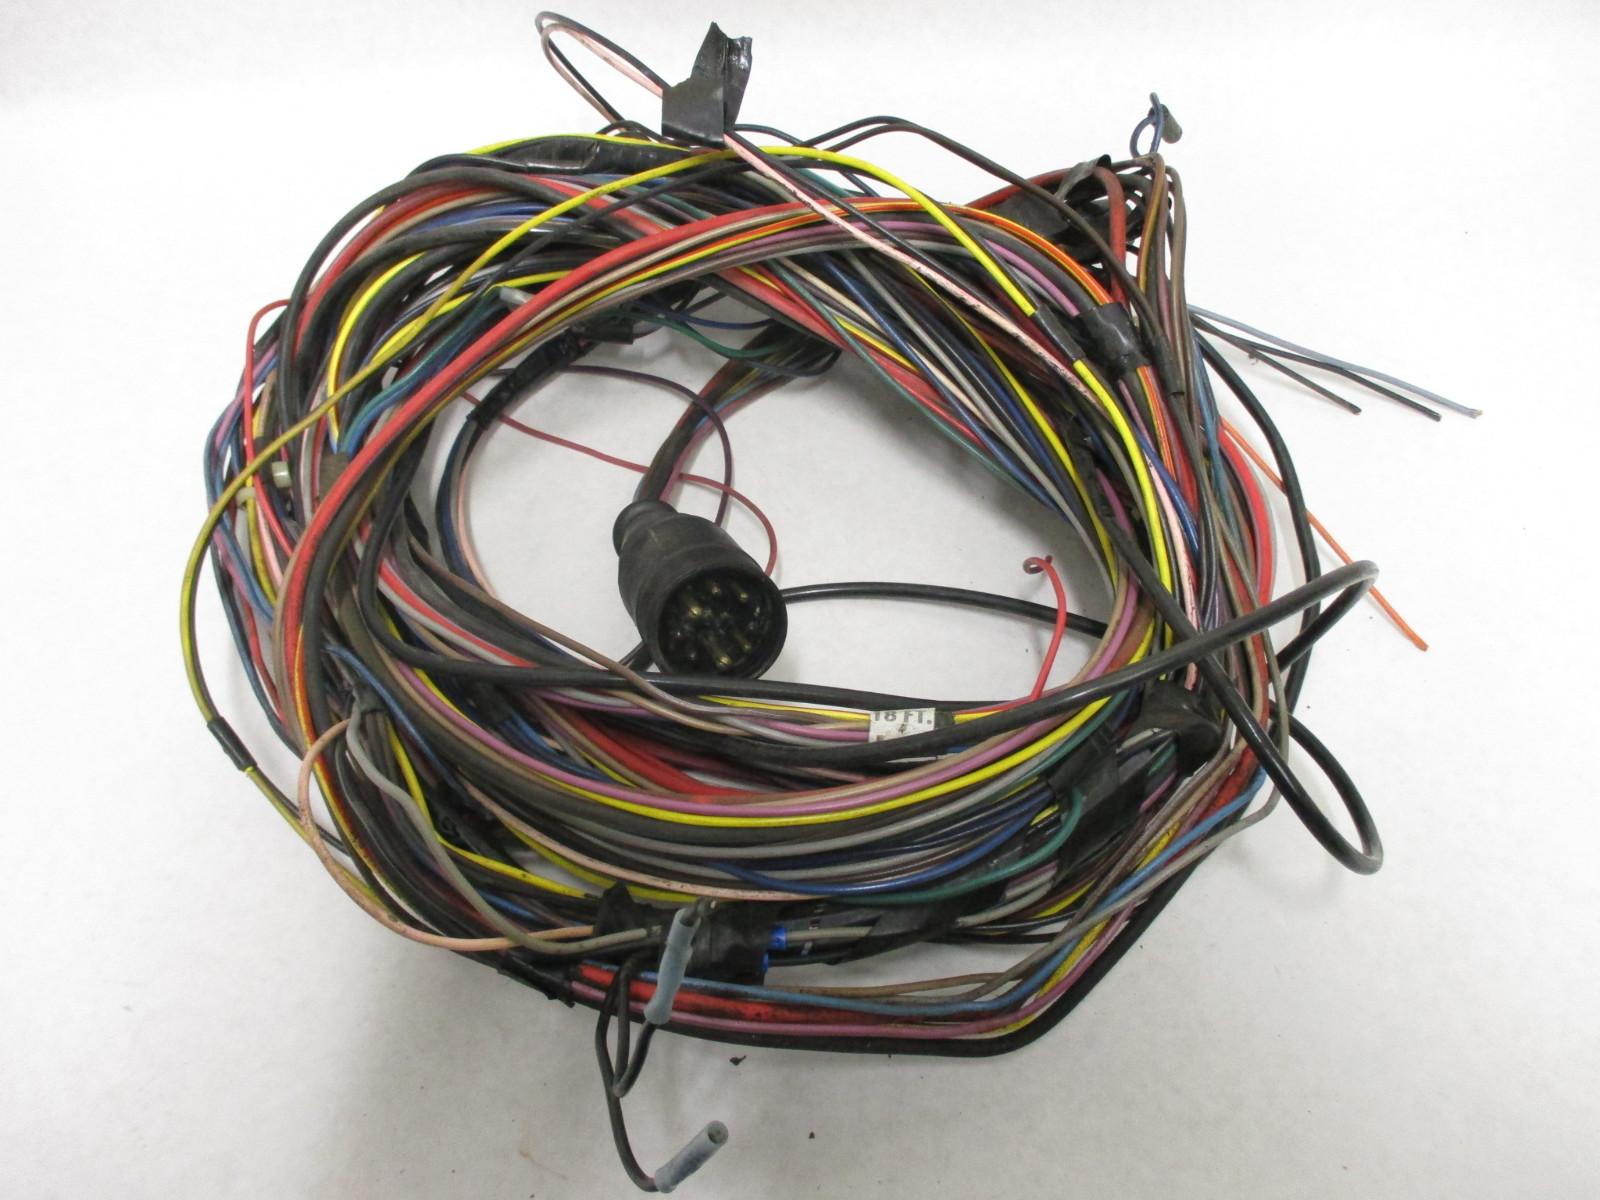 glastron wiring harness easy wiring diagrams u2022 rh art isere com